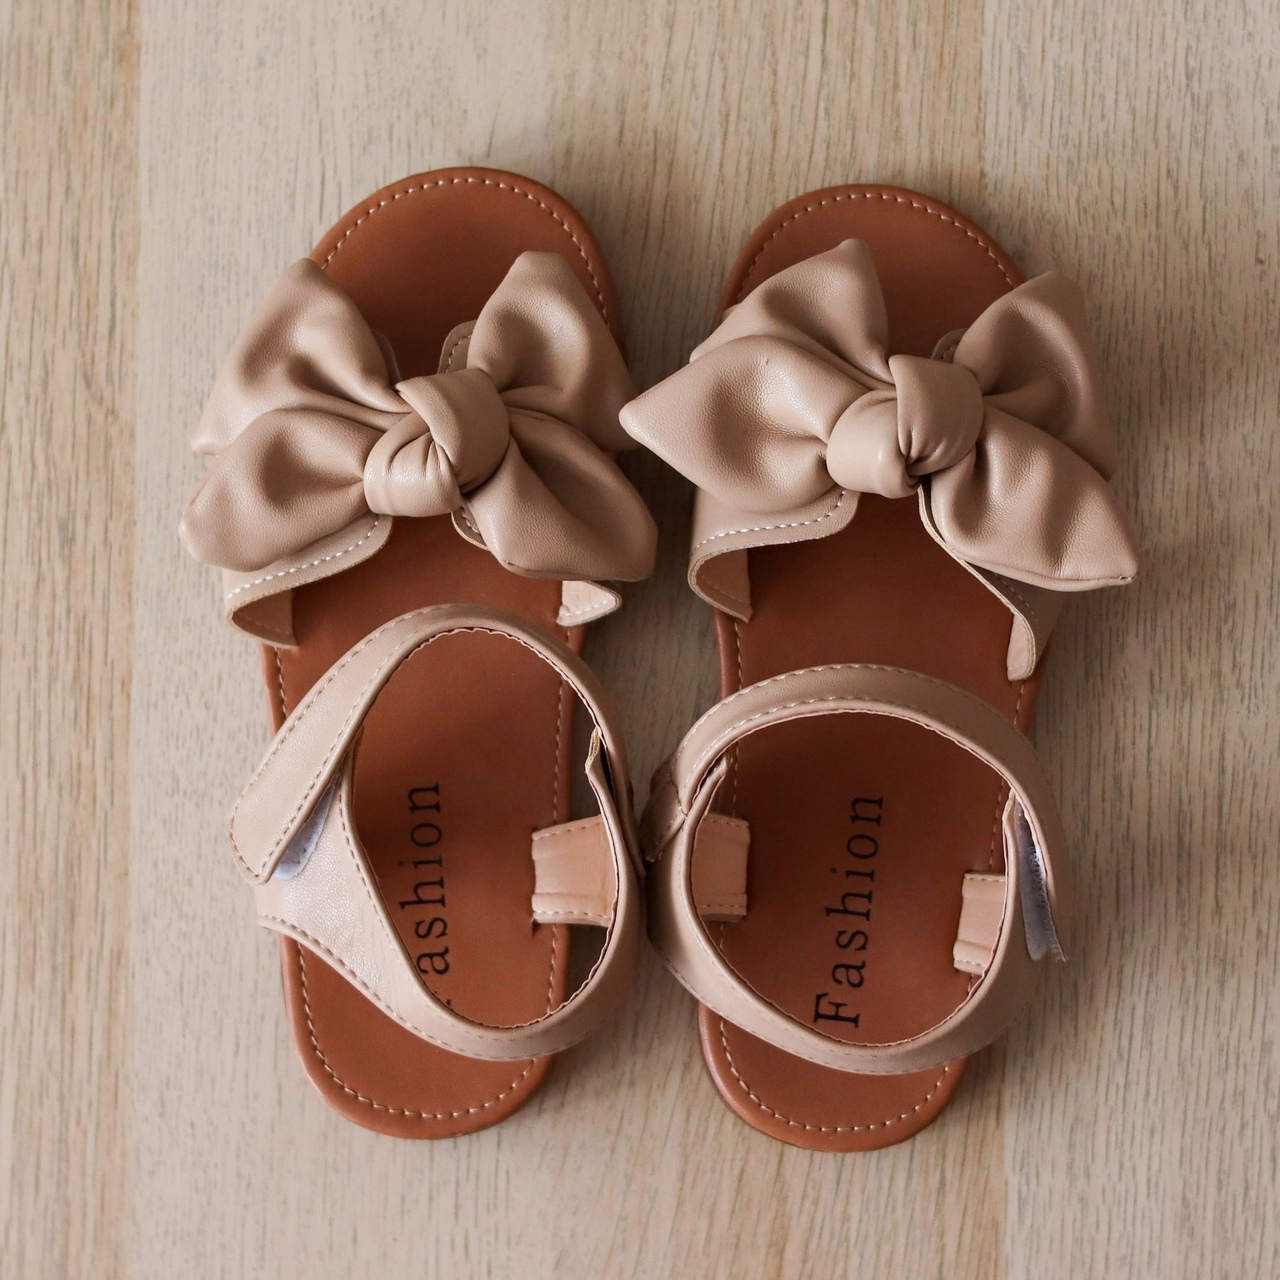 Очень симпатичные сандалии из магазина #Colorful childhood Store.